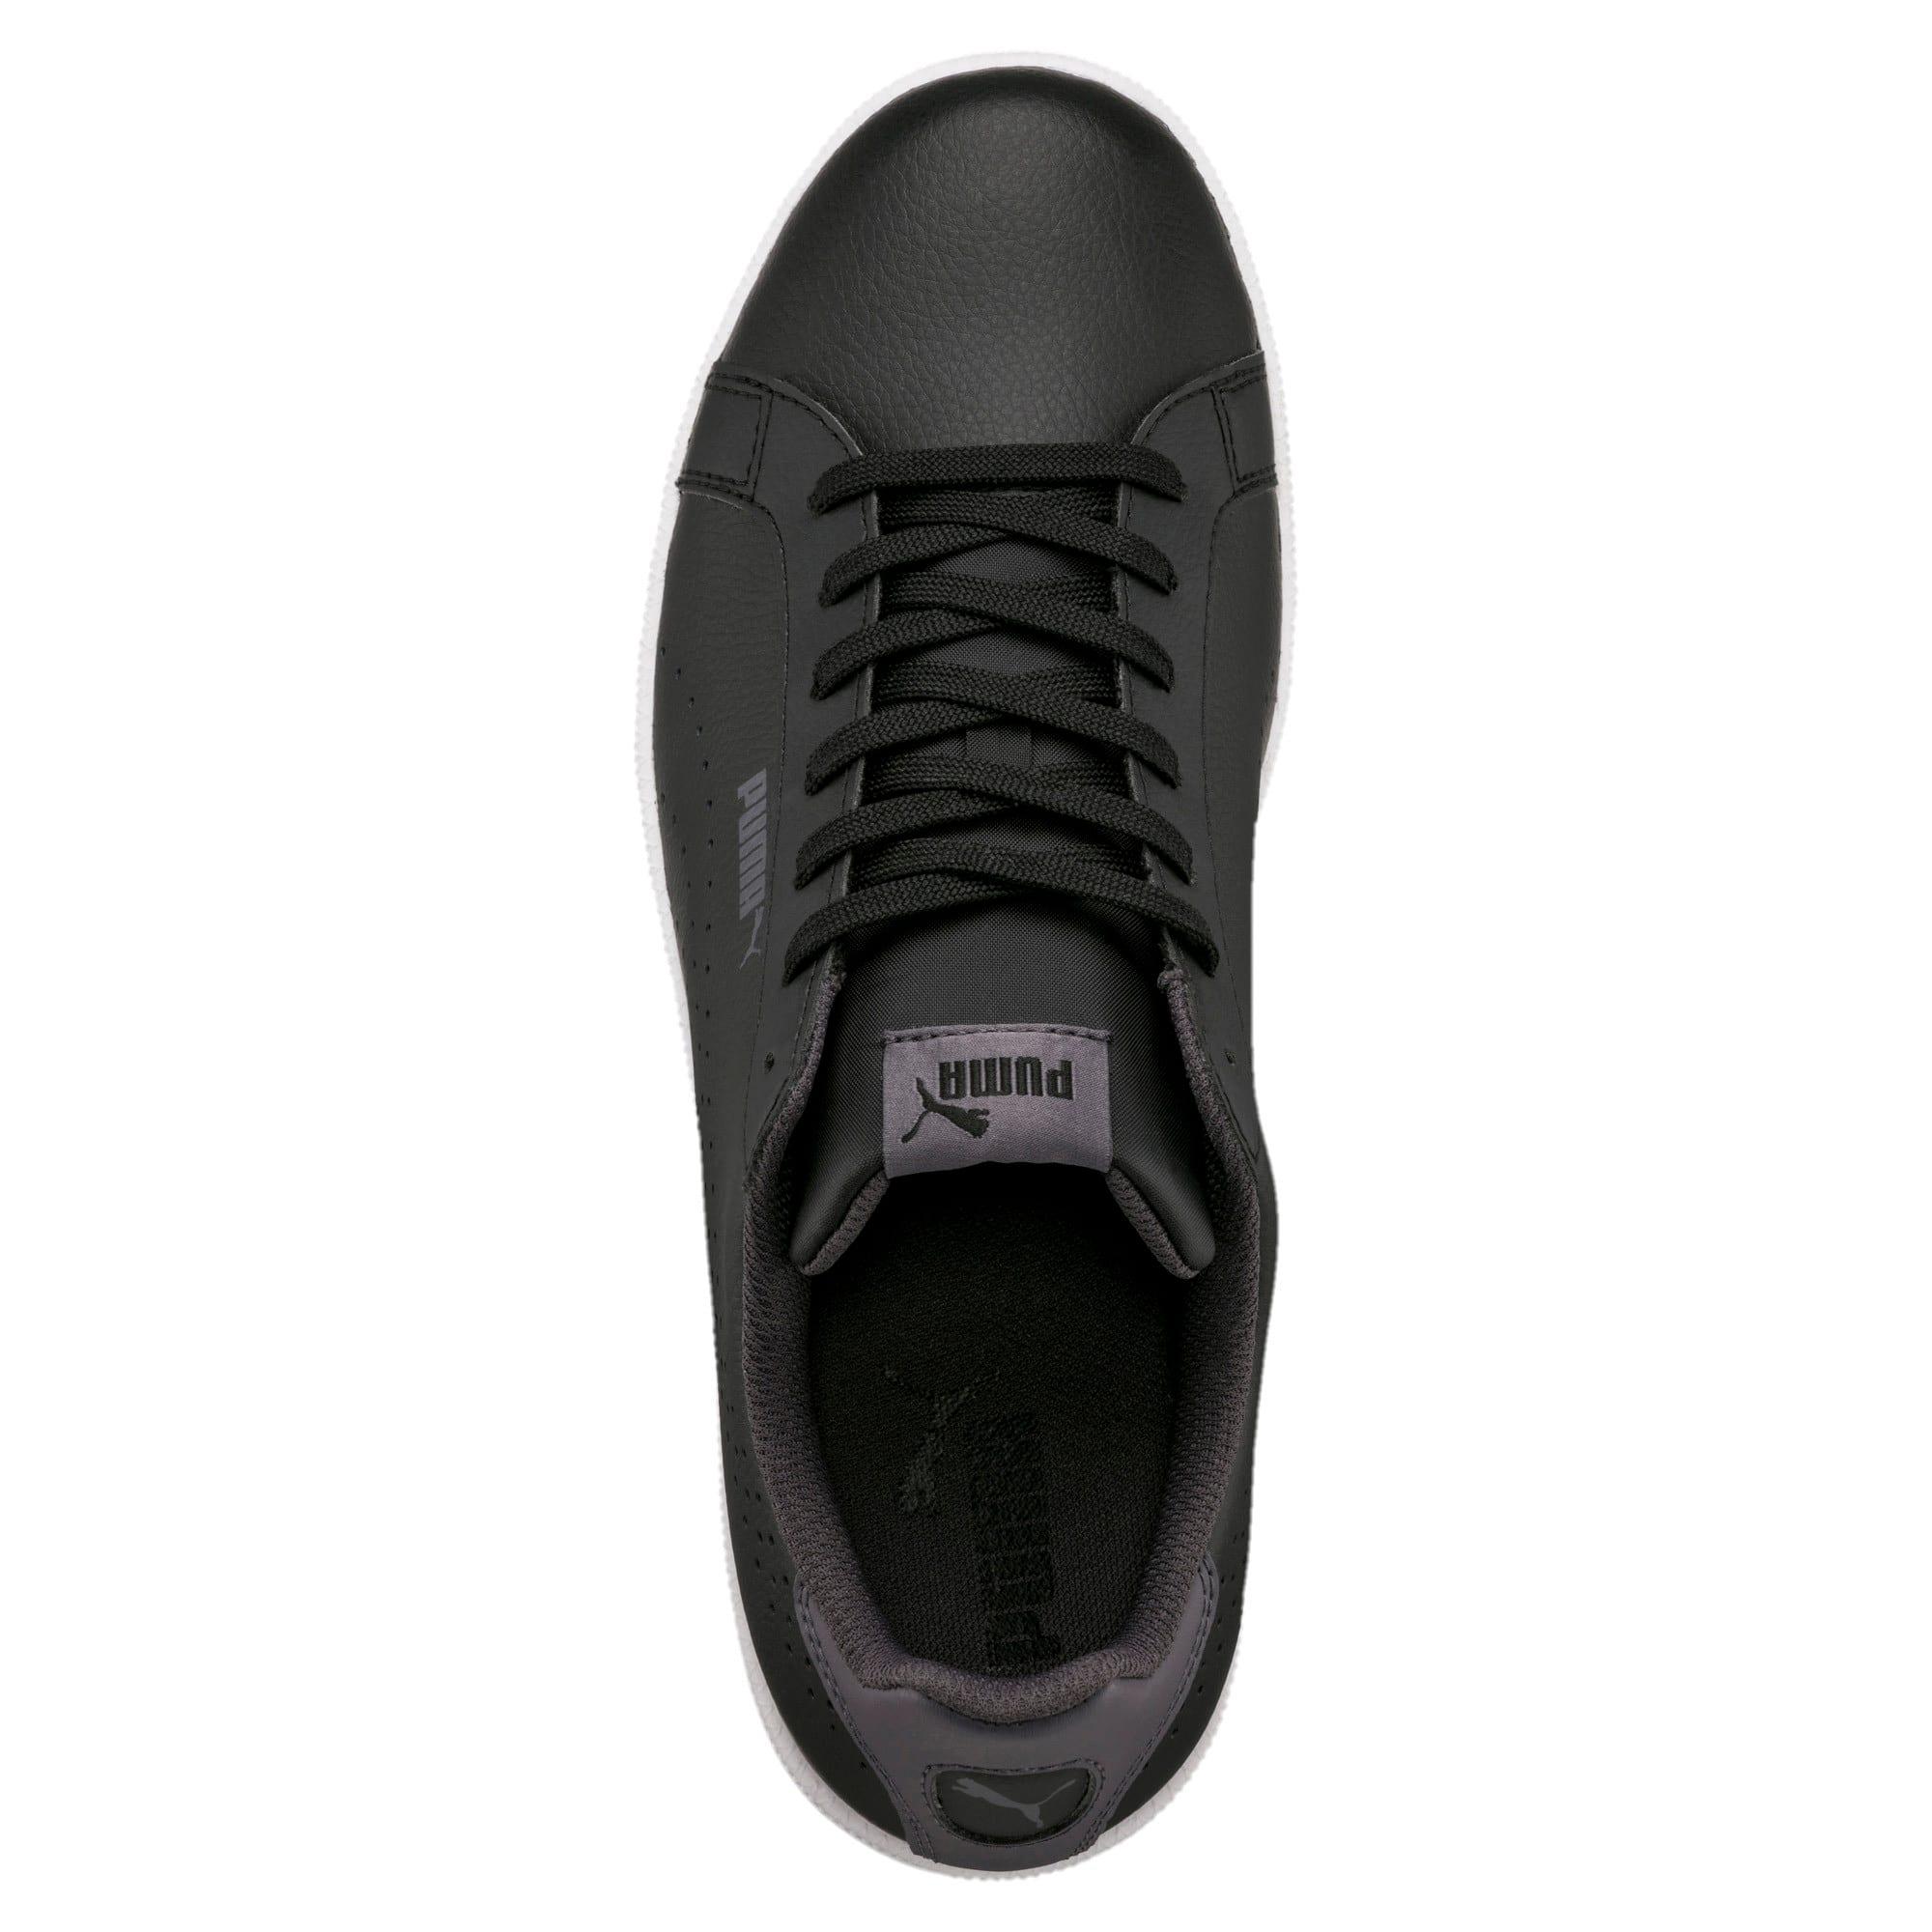 Thumbnail 5 of PUMA Smash Perf Sneakers, Puma Black-Periscope, medium